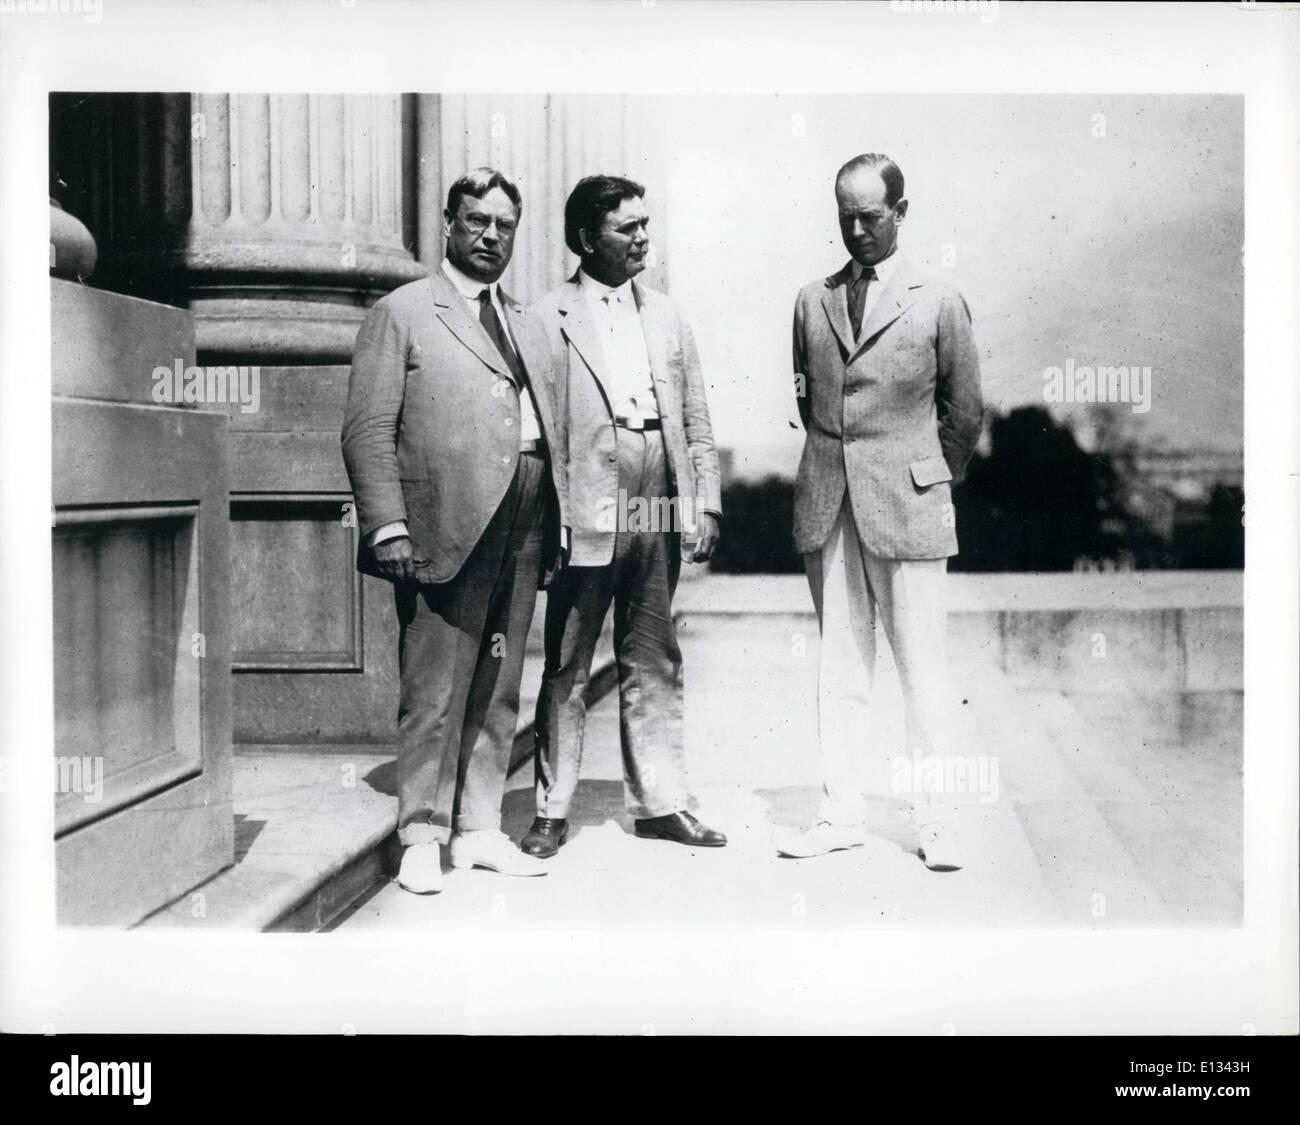 Le 26 février 2012 - 3 sénateurs qui sont sur tours dans l'opposition à l'appel de Wilson Président Société des nations. De G à D: Hirum W. Johnson, William E. Borah & Medill McCormick. Photo Stock